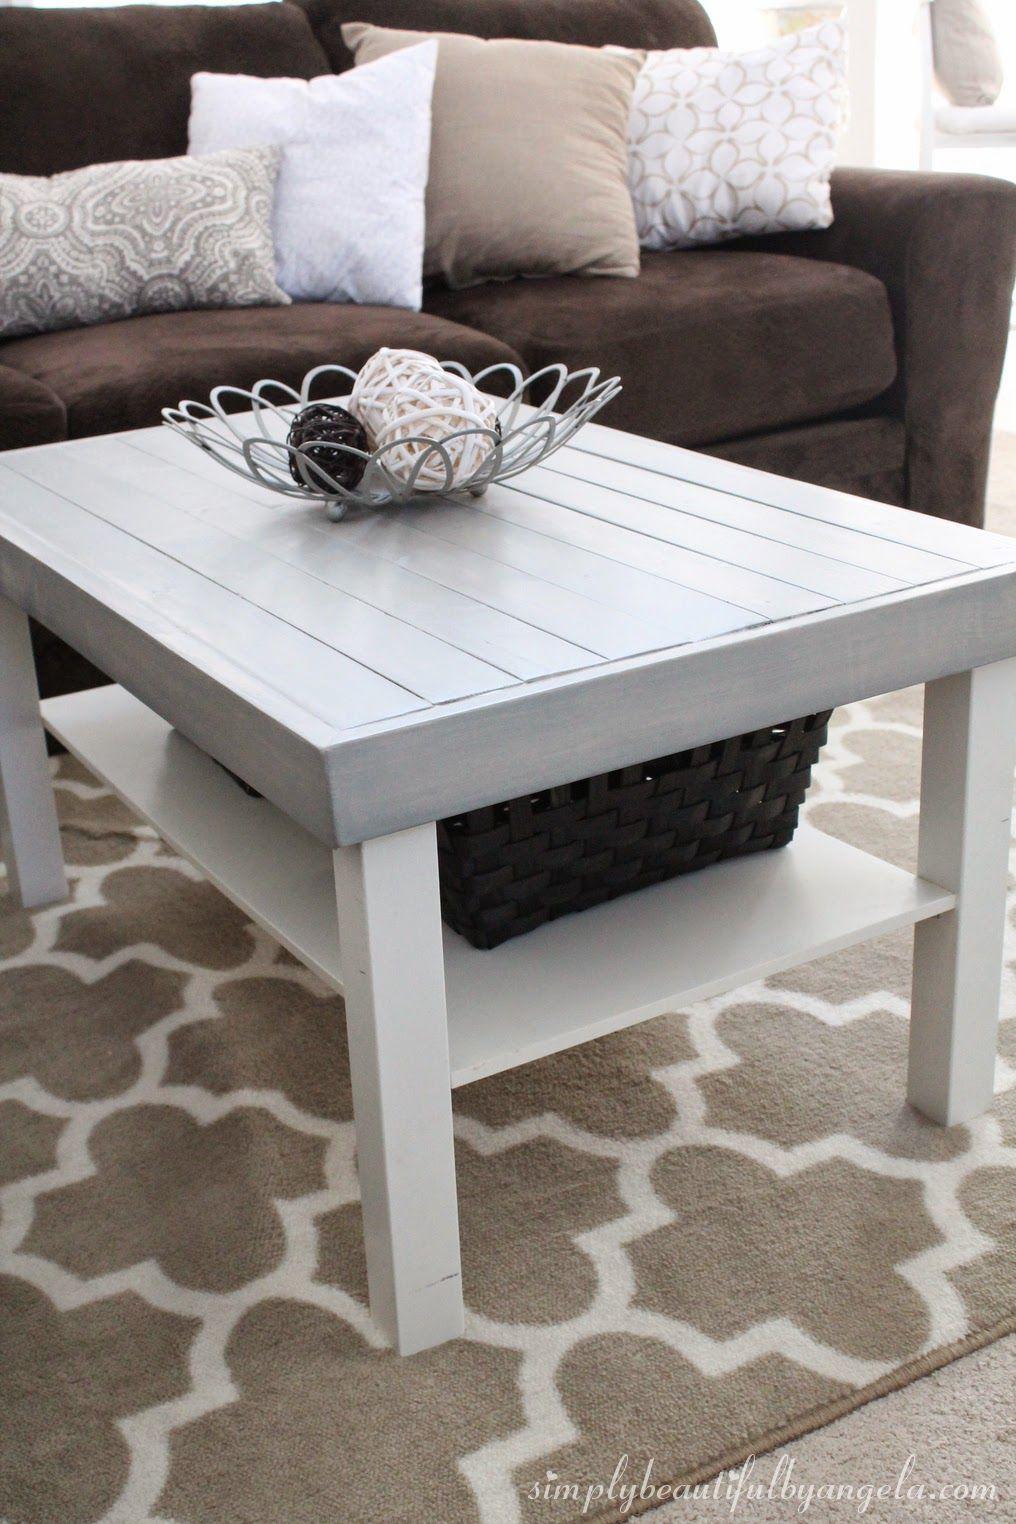 Ikea Lack Coffee Table Hack Ikea Couchtisch Mangel Tisch Wohnzimmertische [ 1524 x 1016 Pixel ]